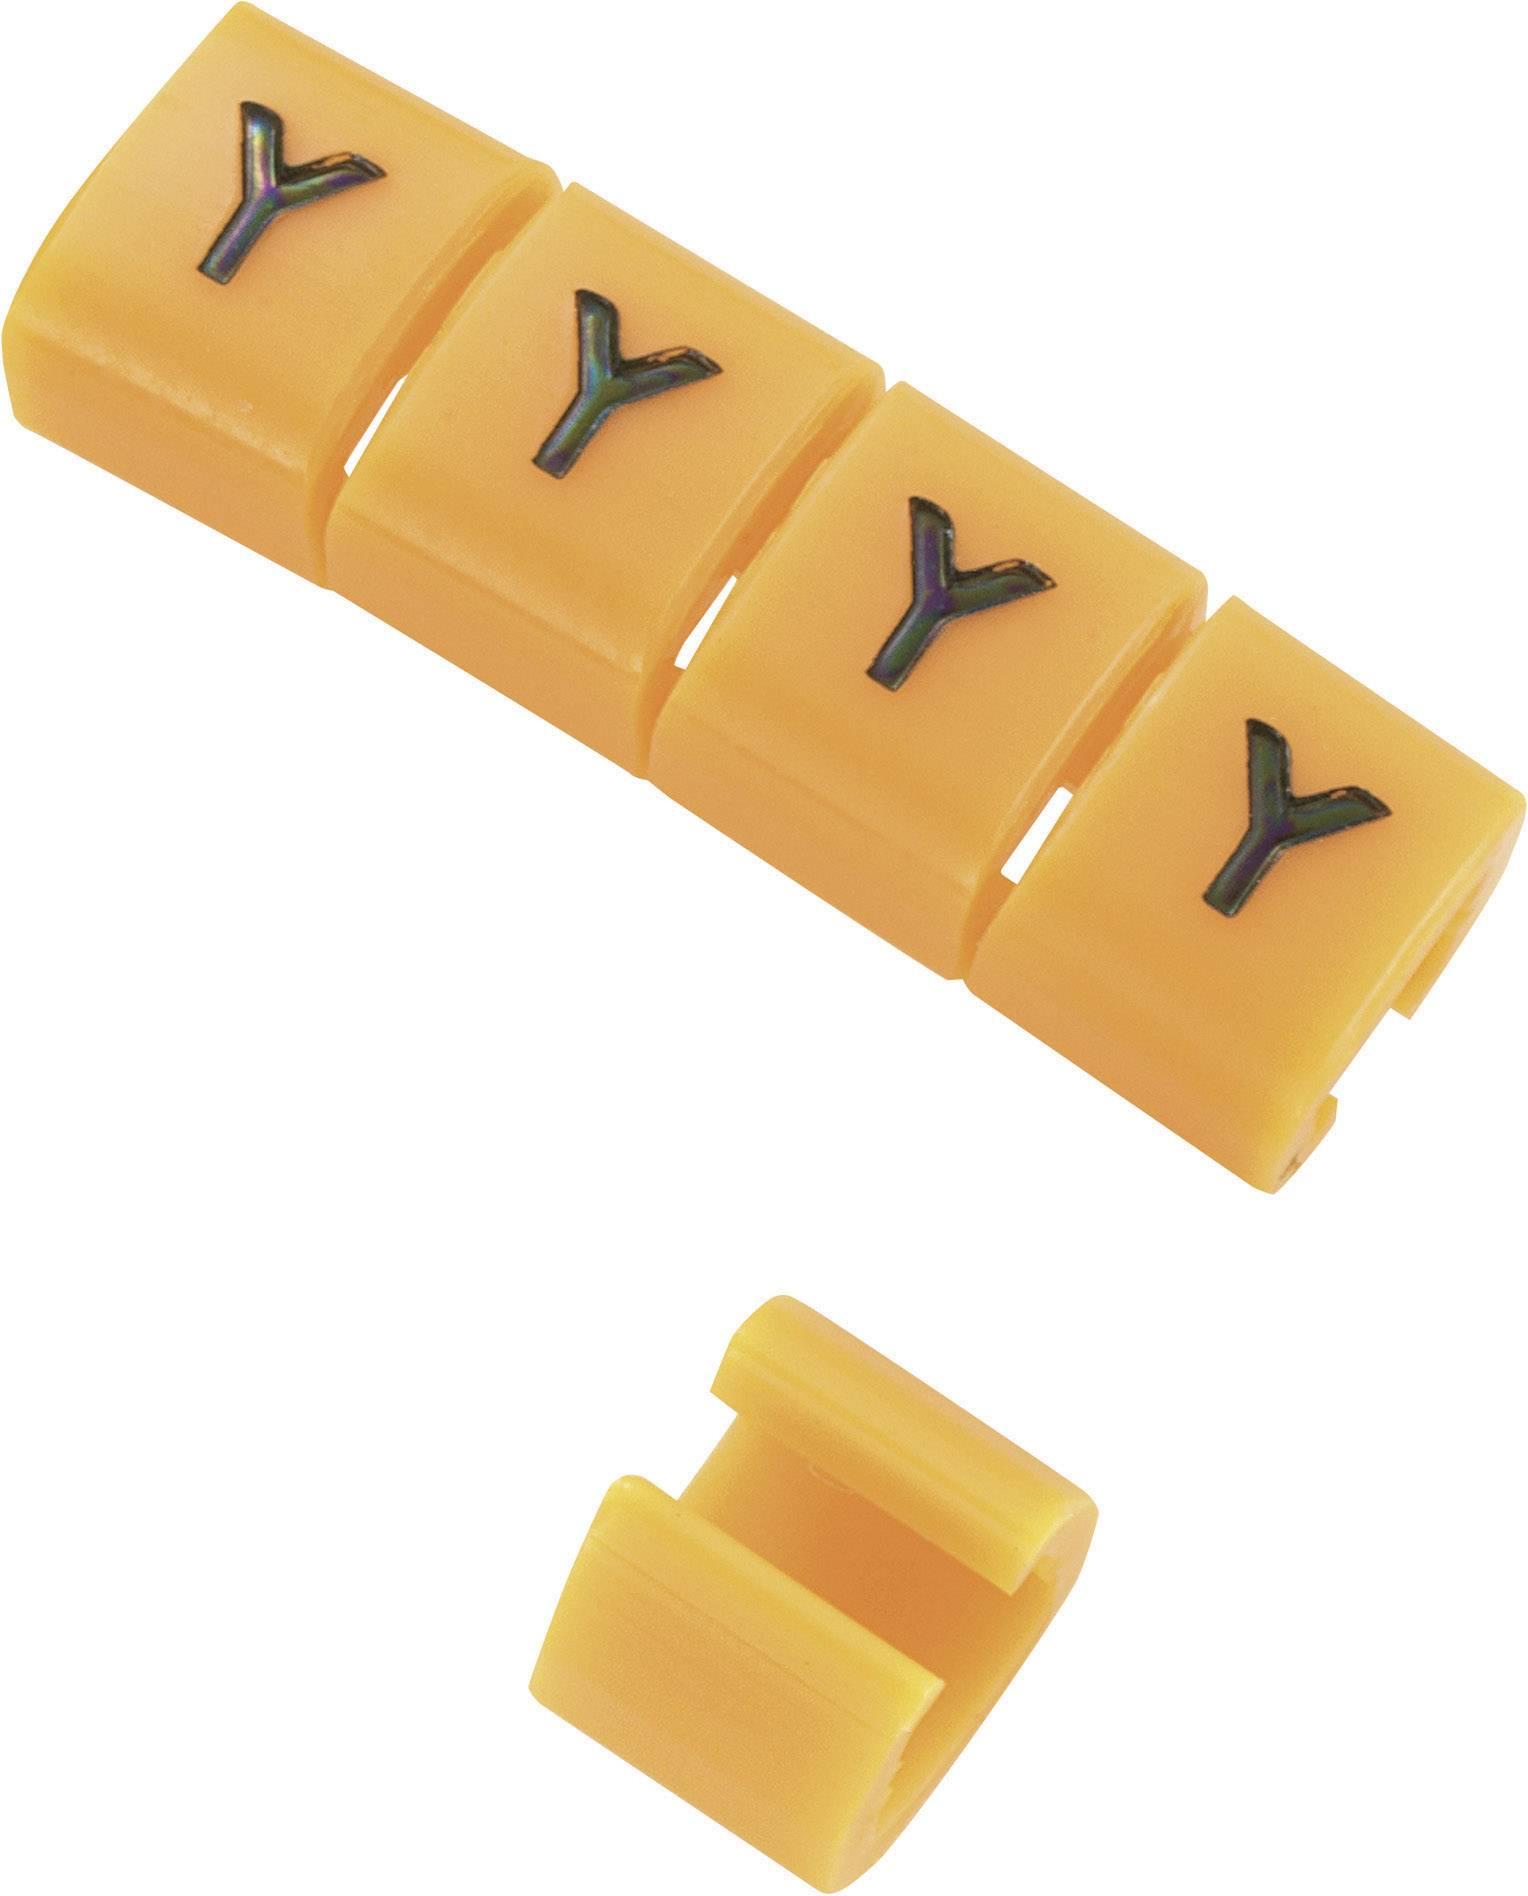 Označovacie objímka na káble KSS MB1/Y, oranžová, 10 ks